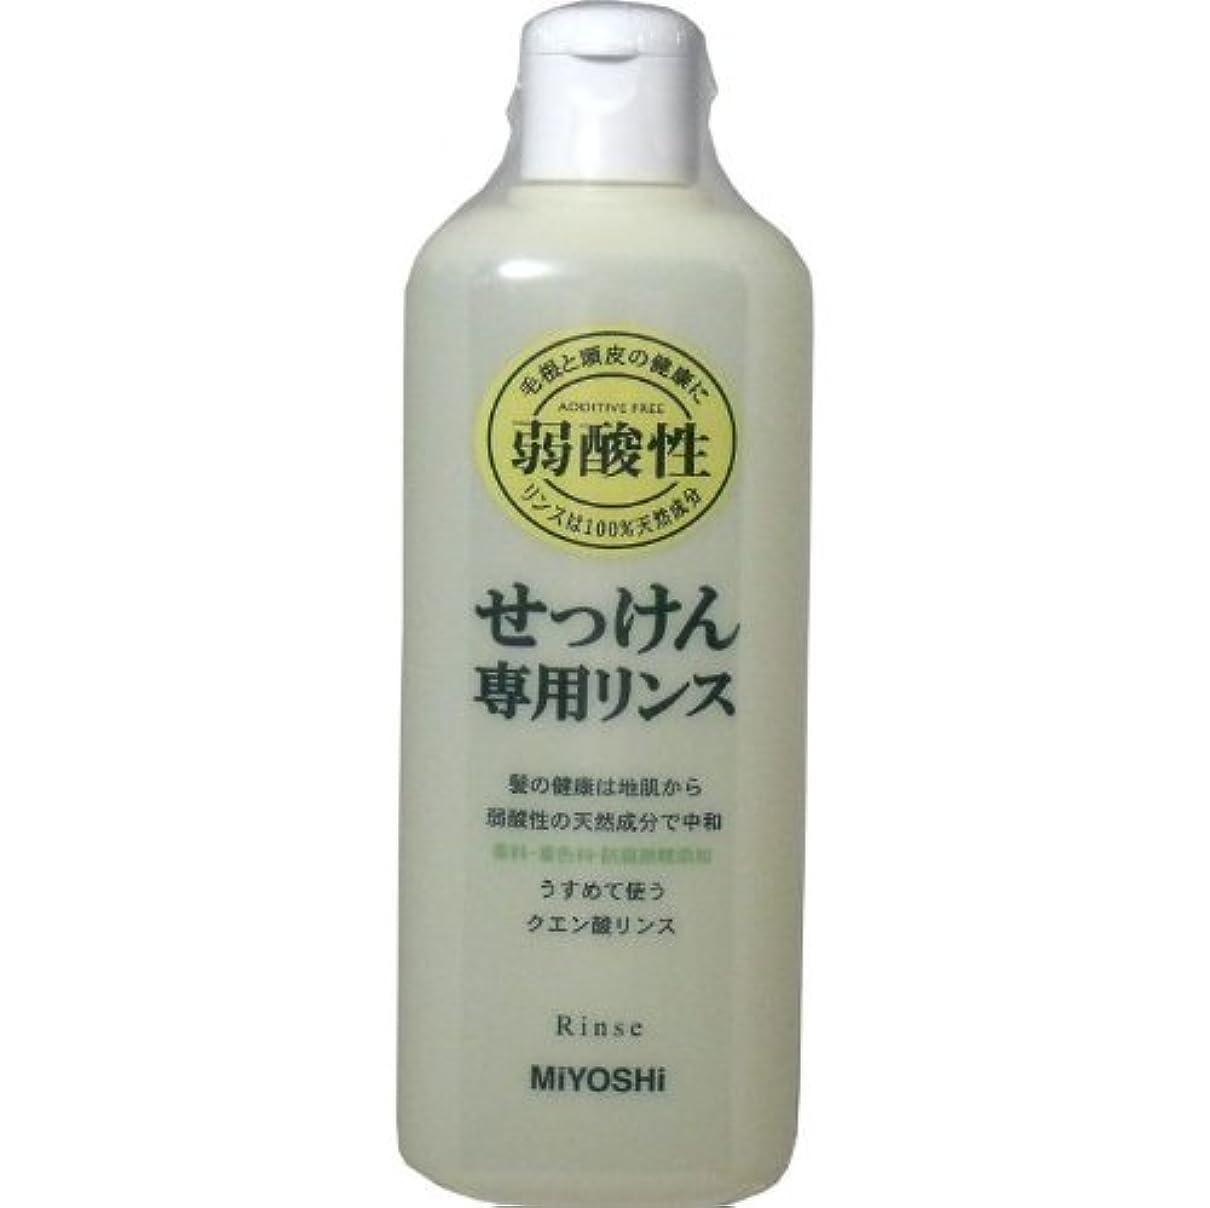 二度先史時代の島髪の健康は地肌から、弱酸性の天然成分で中和!!香料、防腐剤、着色料無添加!うすめて使うクエン酸リンス!リンス 350mL【4個セット】